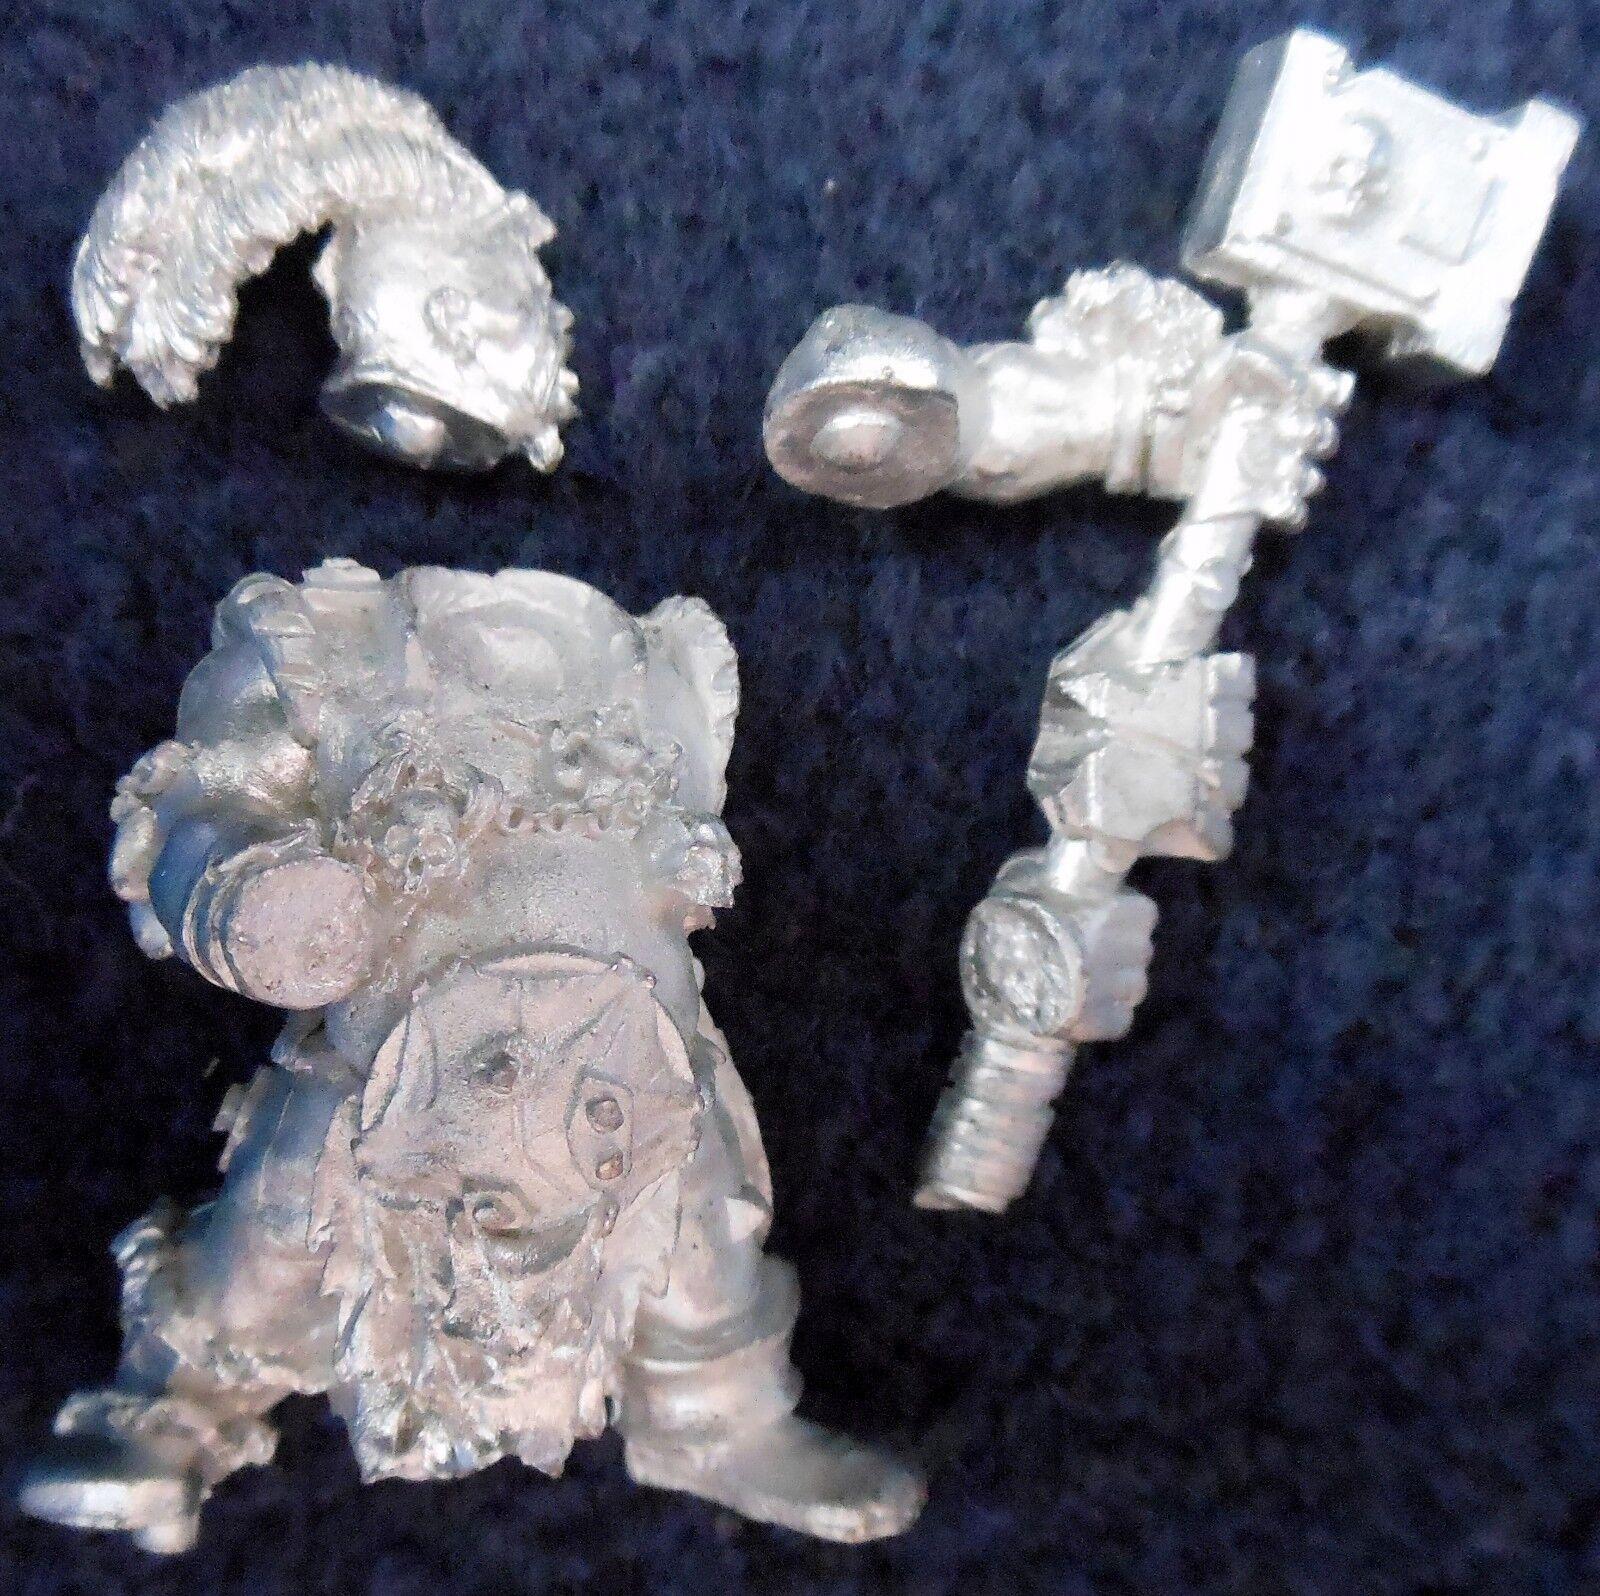 2005 ORCO IMPERIAL  uomoEATER veterano WARHAMMER Esercito REGNI CITTADELLA ogor AD&D GW  qualità ufficiale